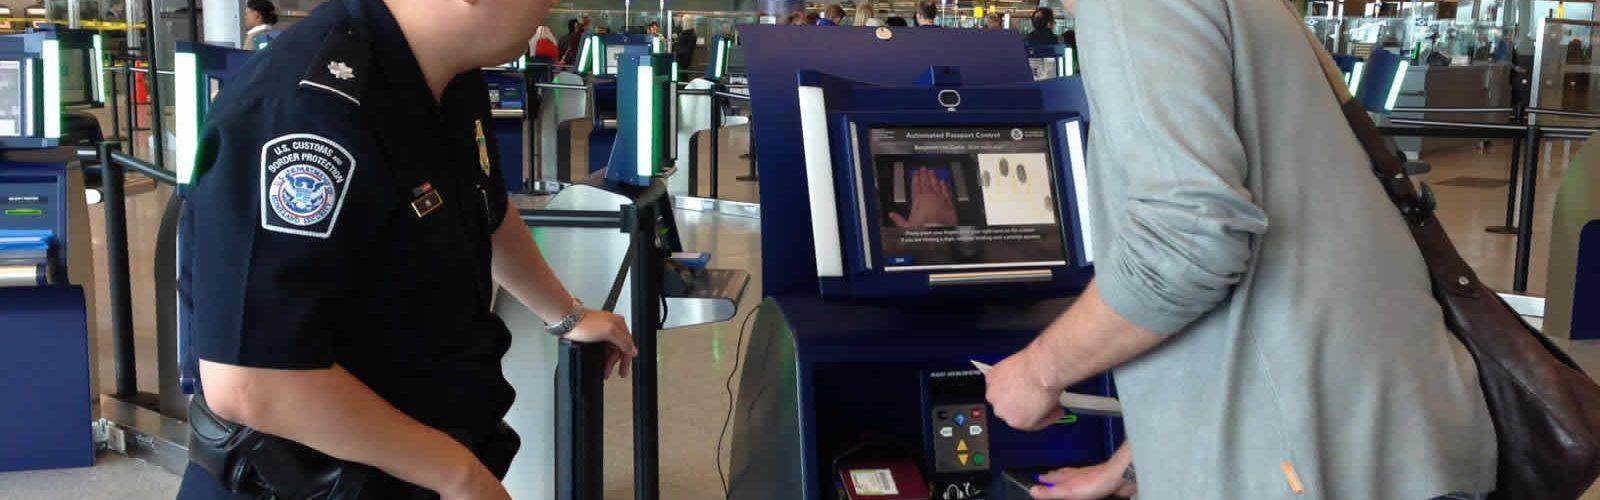 esta-visiter-etats-unis-vacances-visa-passeport-formulaire-featured